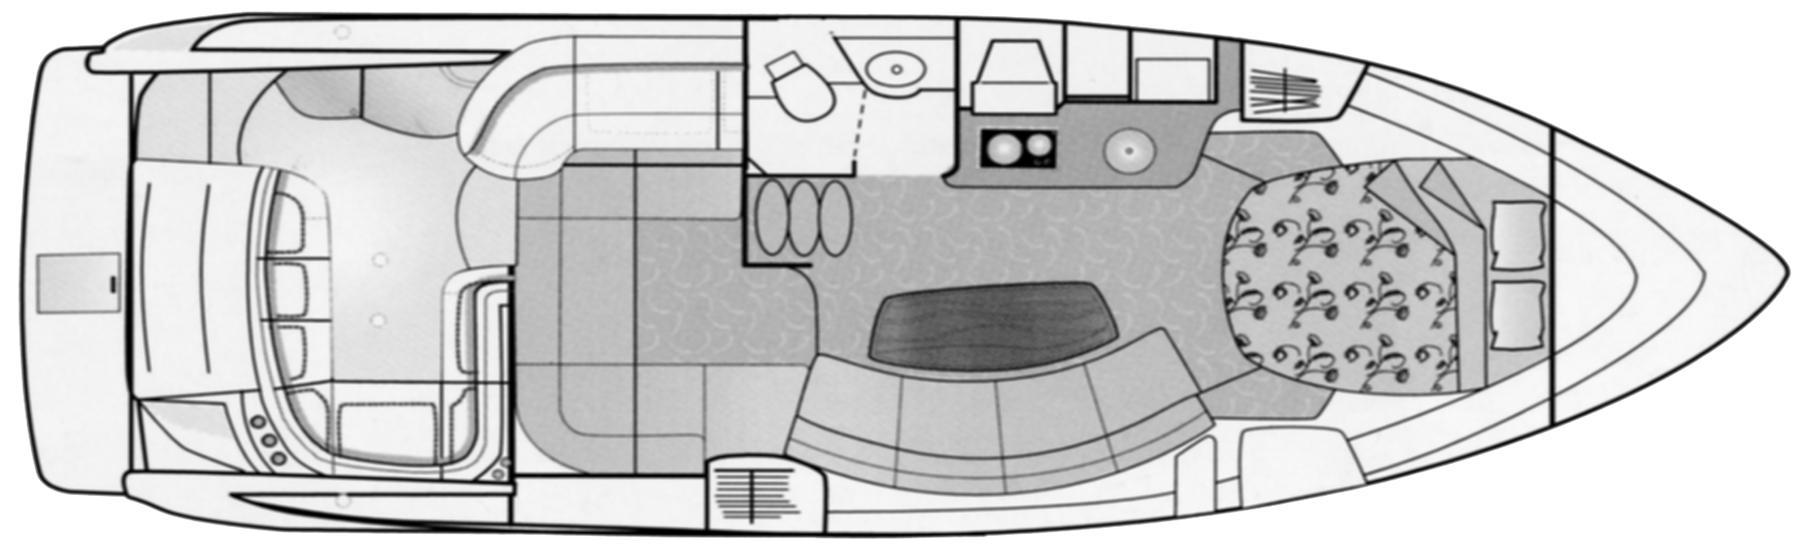 34 PC Floor Plan 1